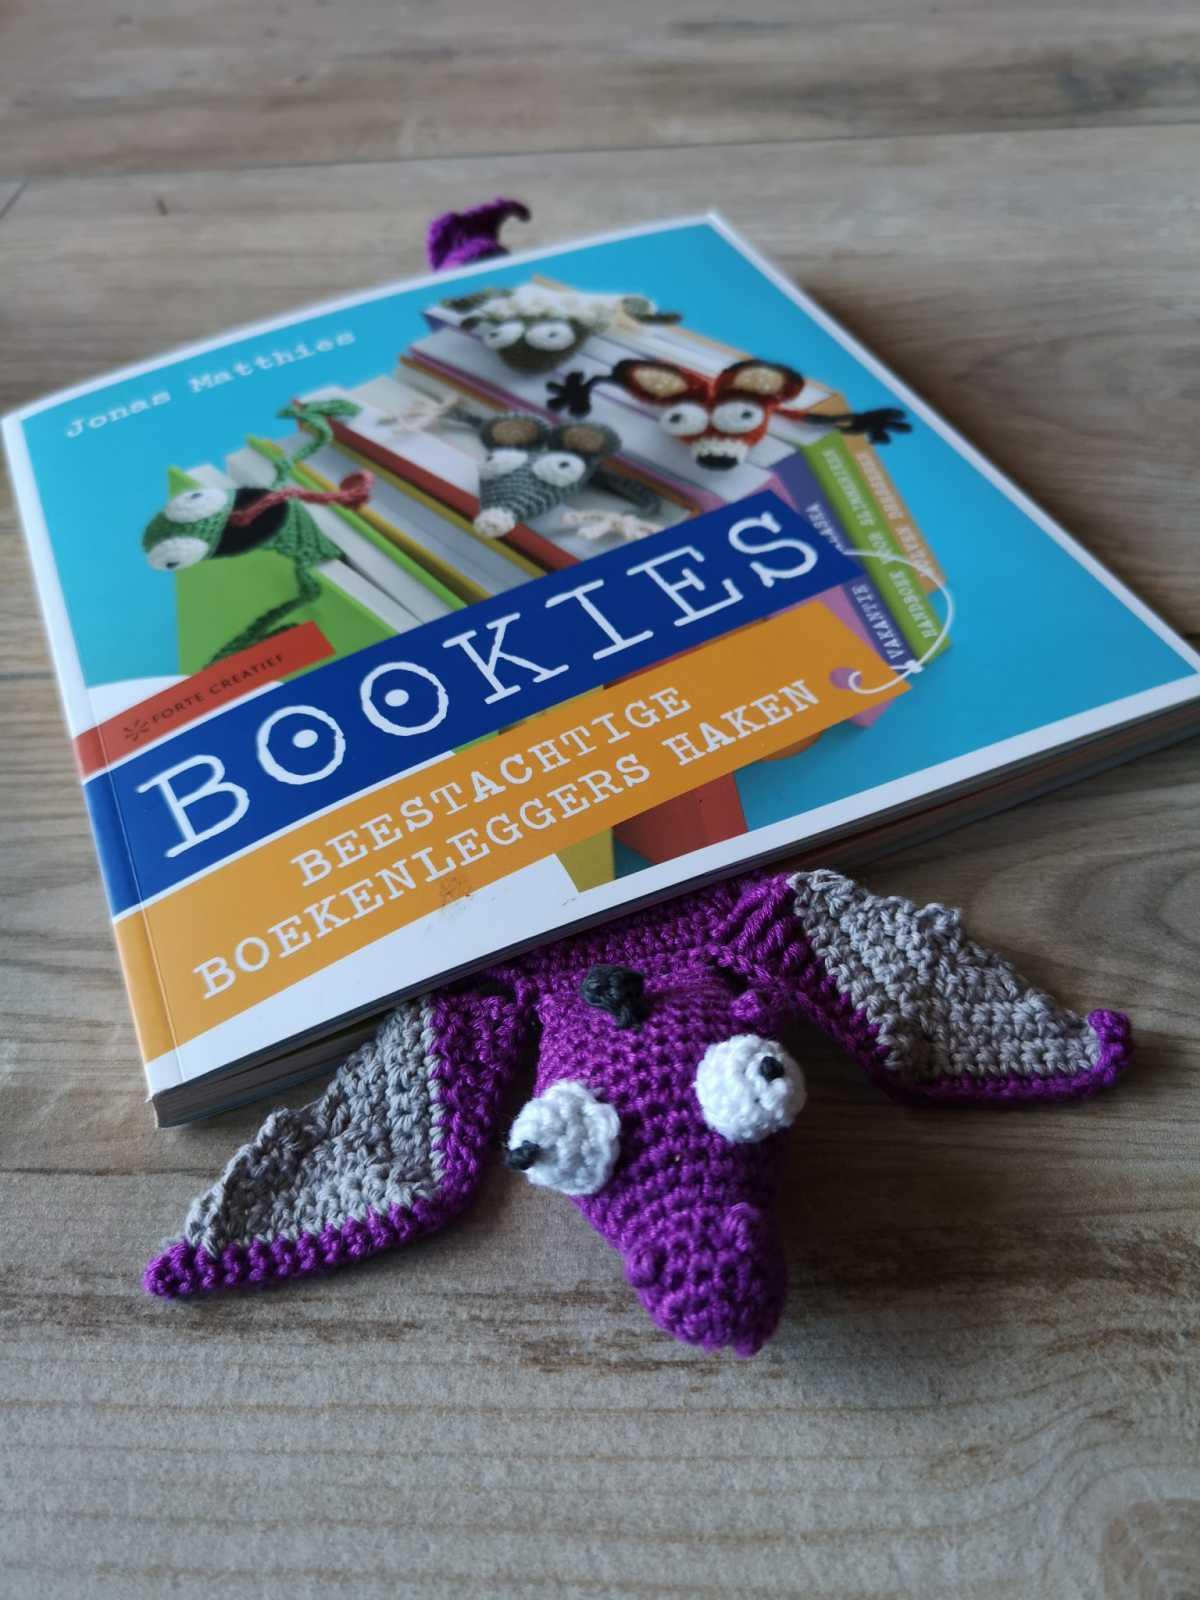 Boekreview Bookies Een Mooi Gebaar